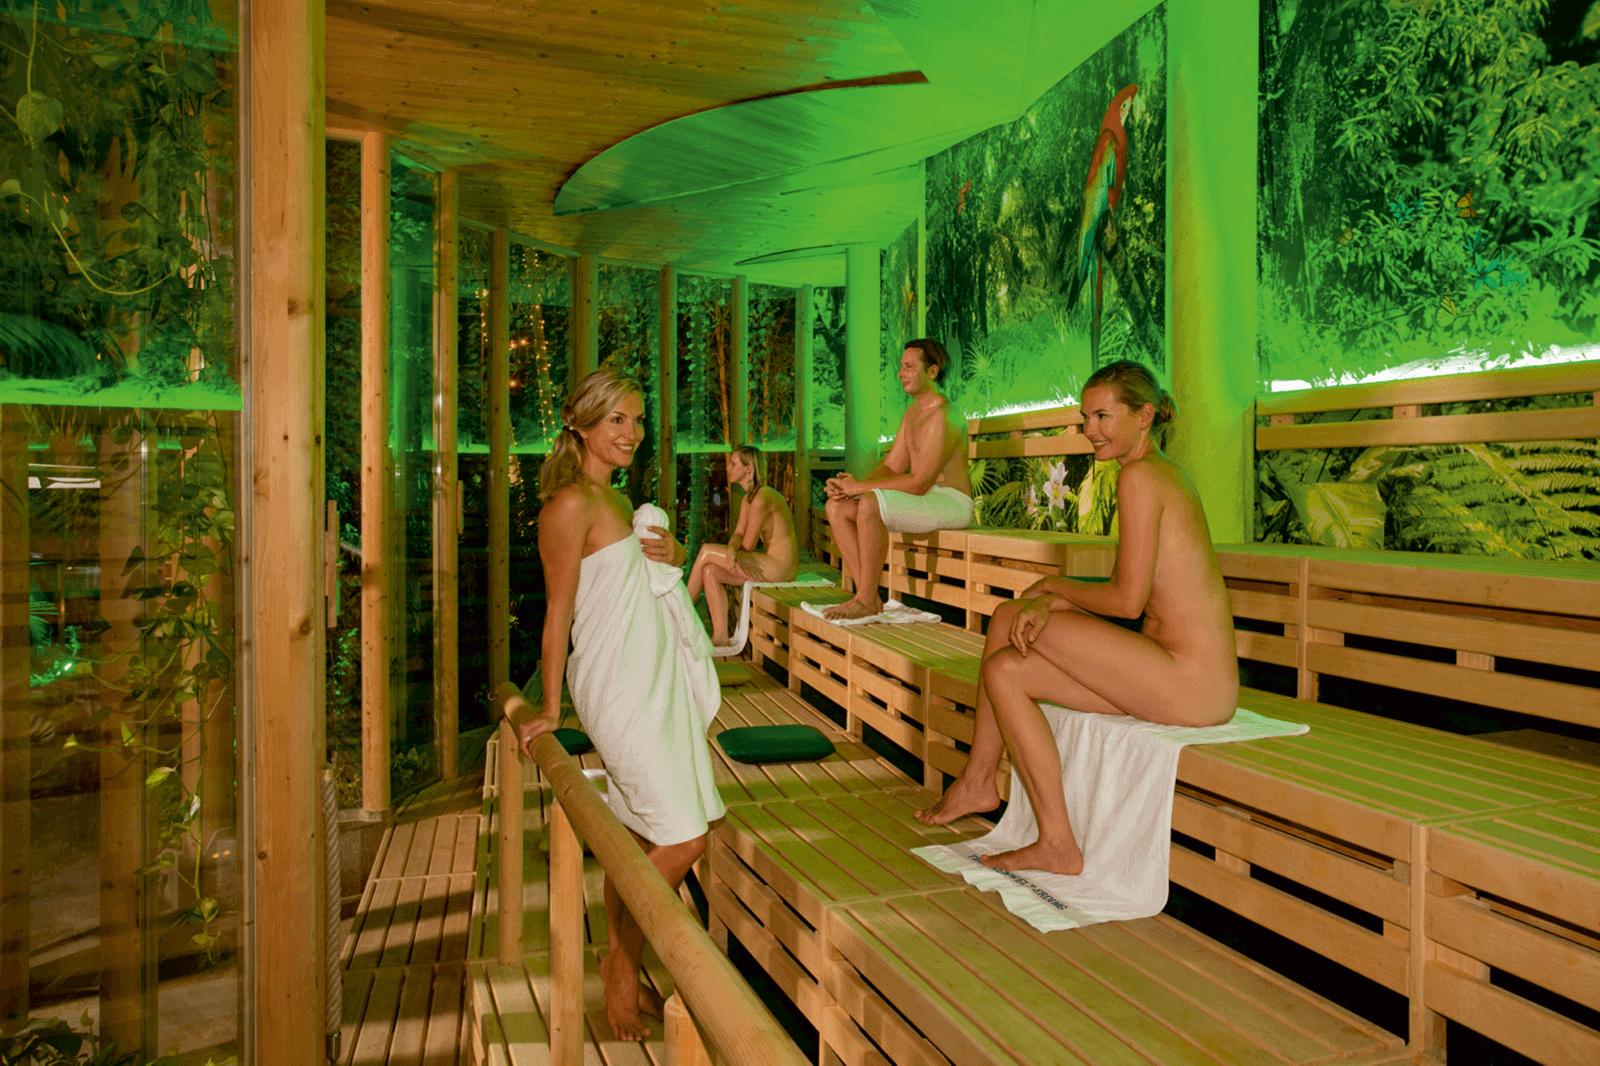 Reiseblogonline-Erlebnisbäder-deutschland-therme-erding-Sauna